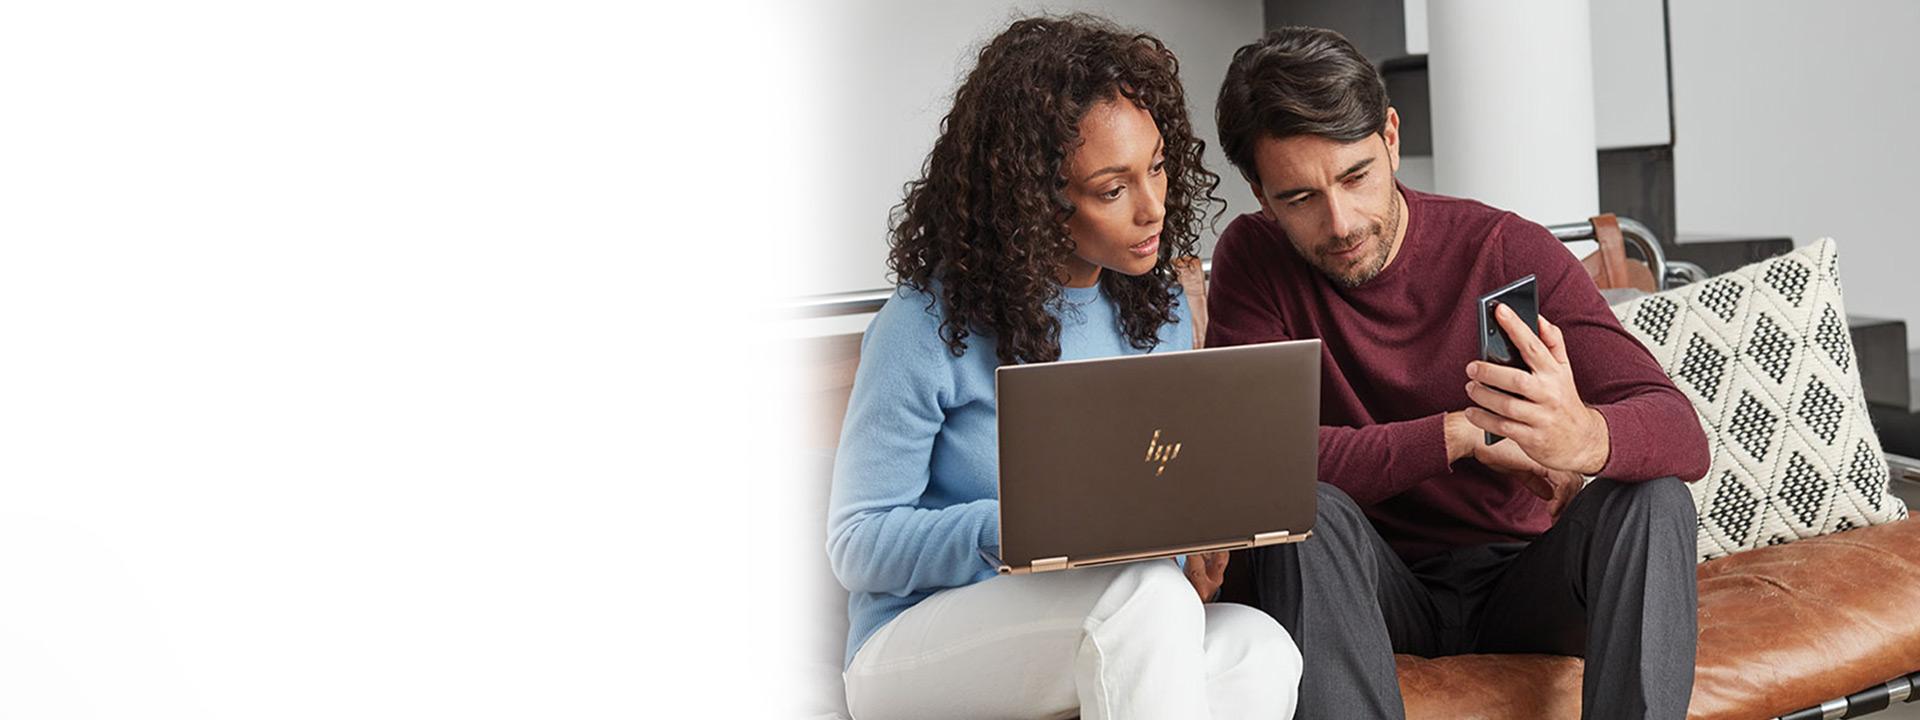 Žena a muž sedí na gauči a společně se dívají na notebook a mobilní zařízení s Windows 10